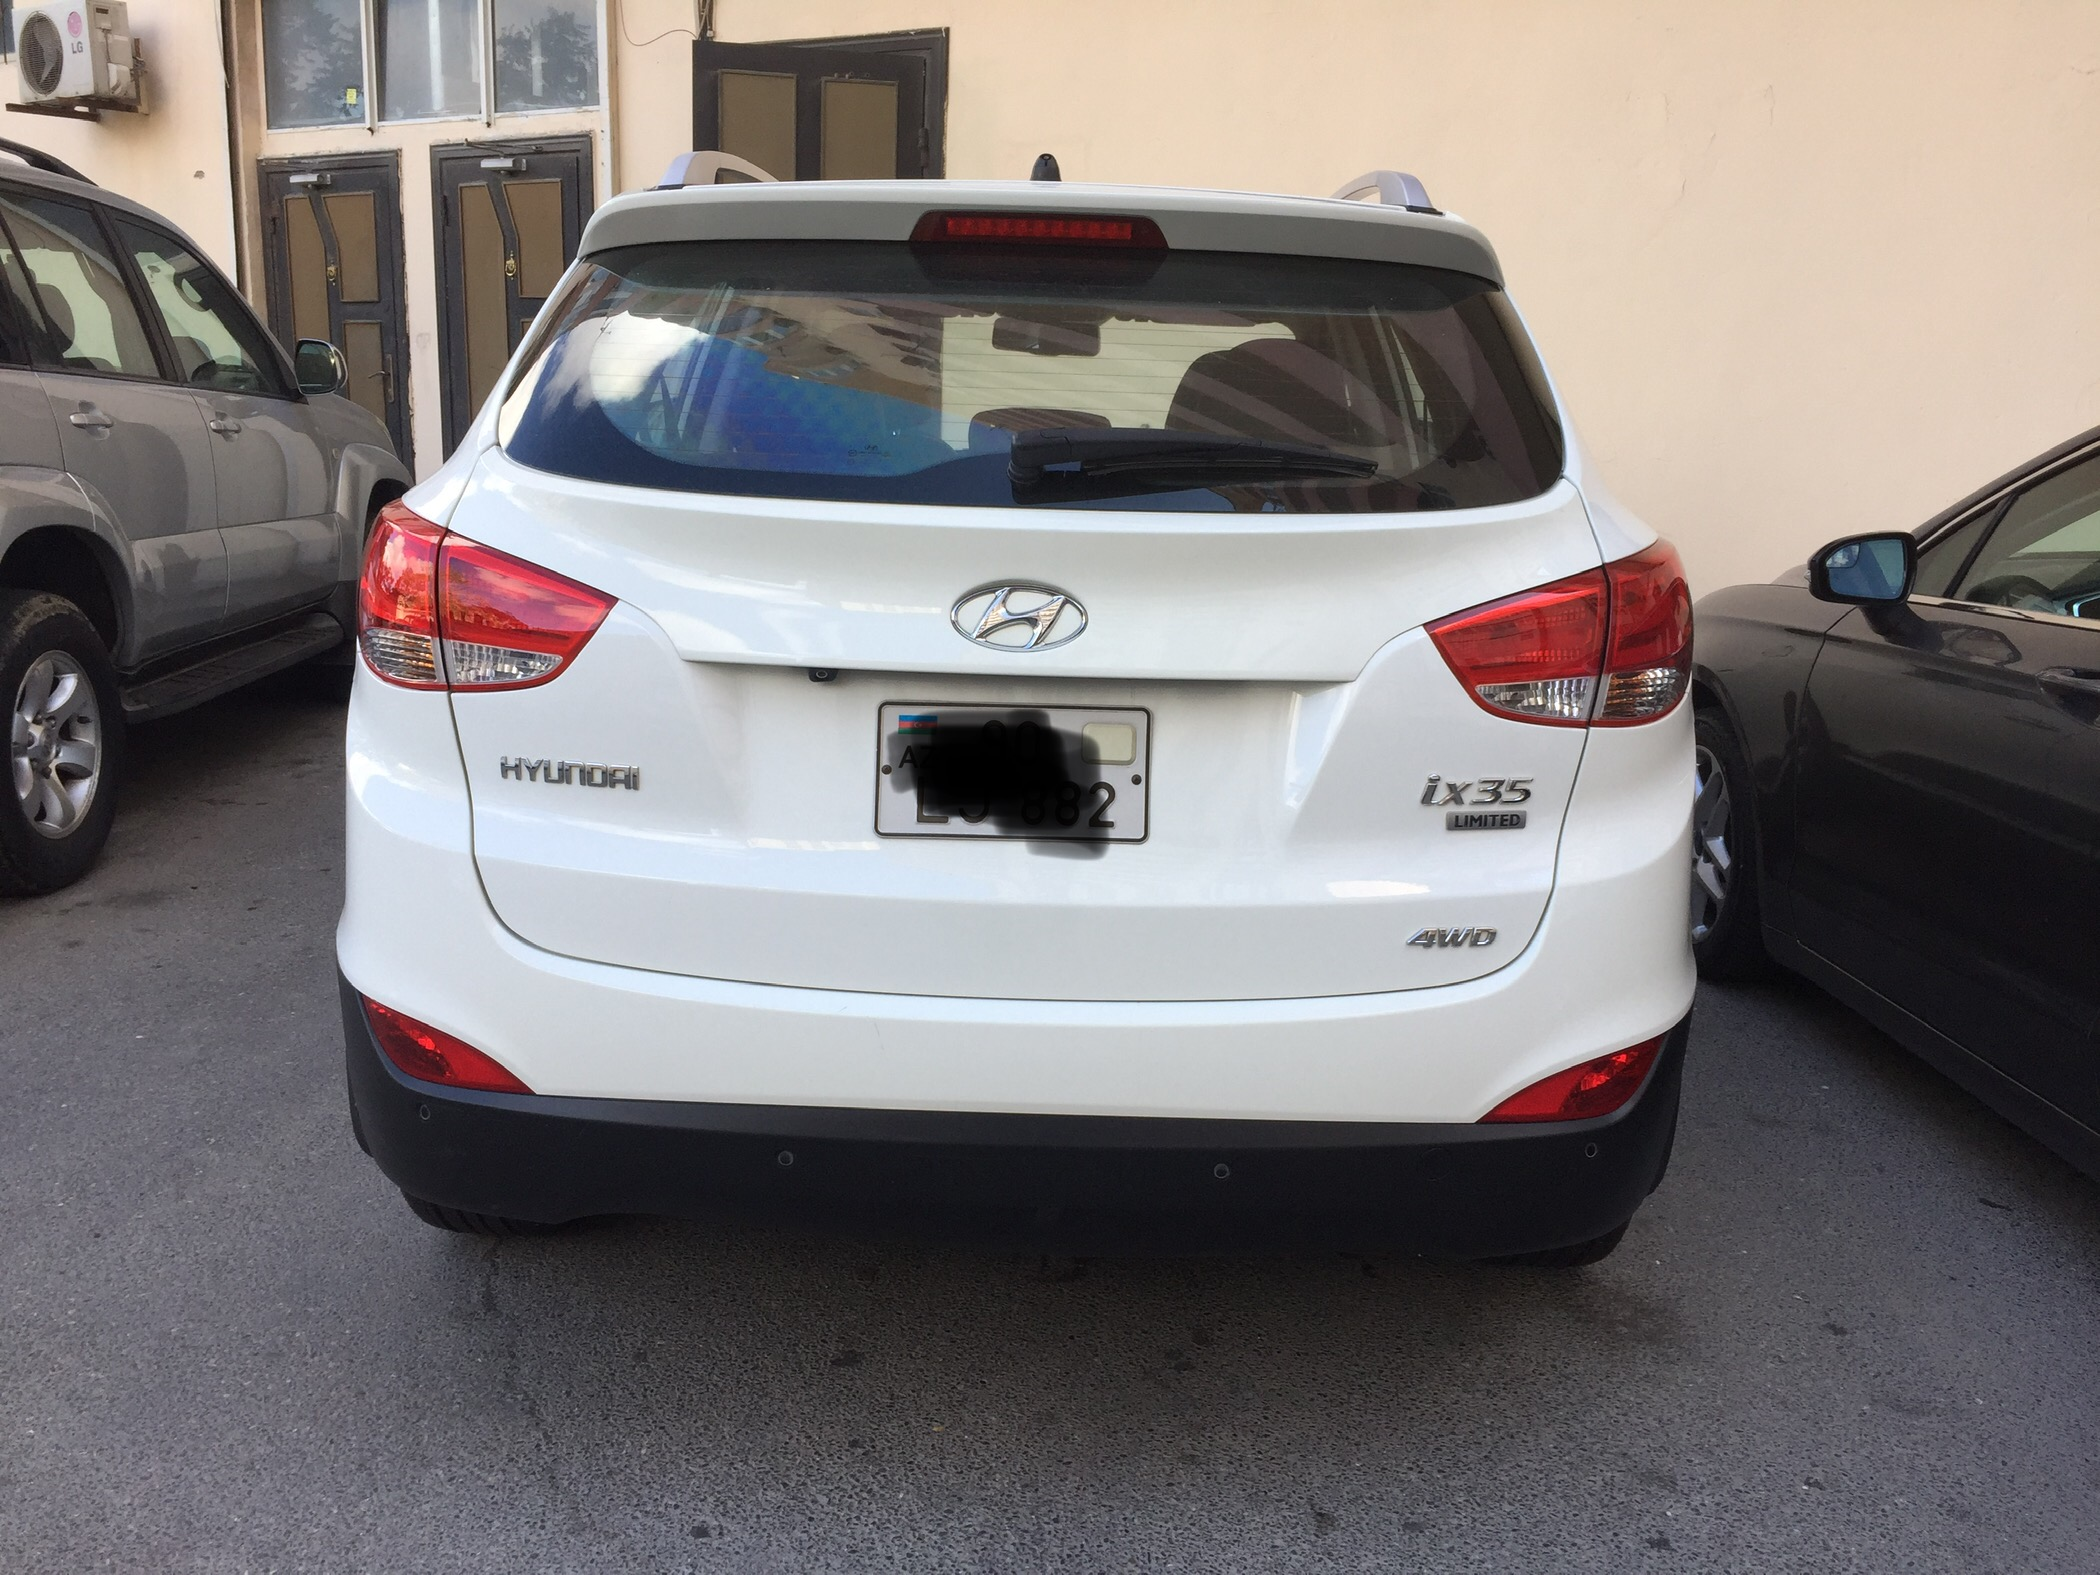 Hyundai ix 35 2.4(lt) 2011 Подержанный  $14000